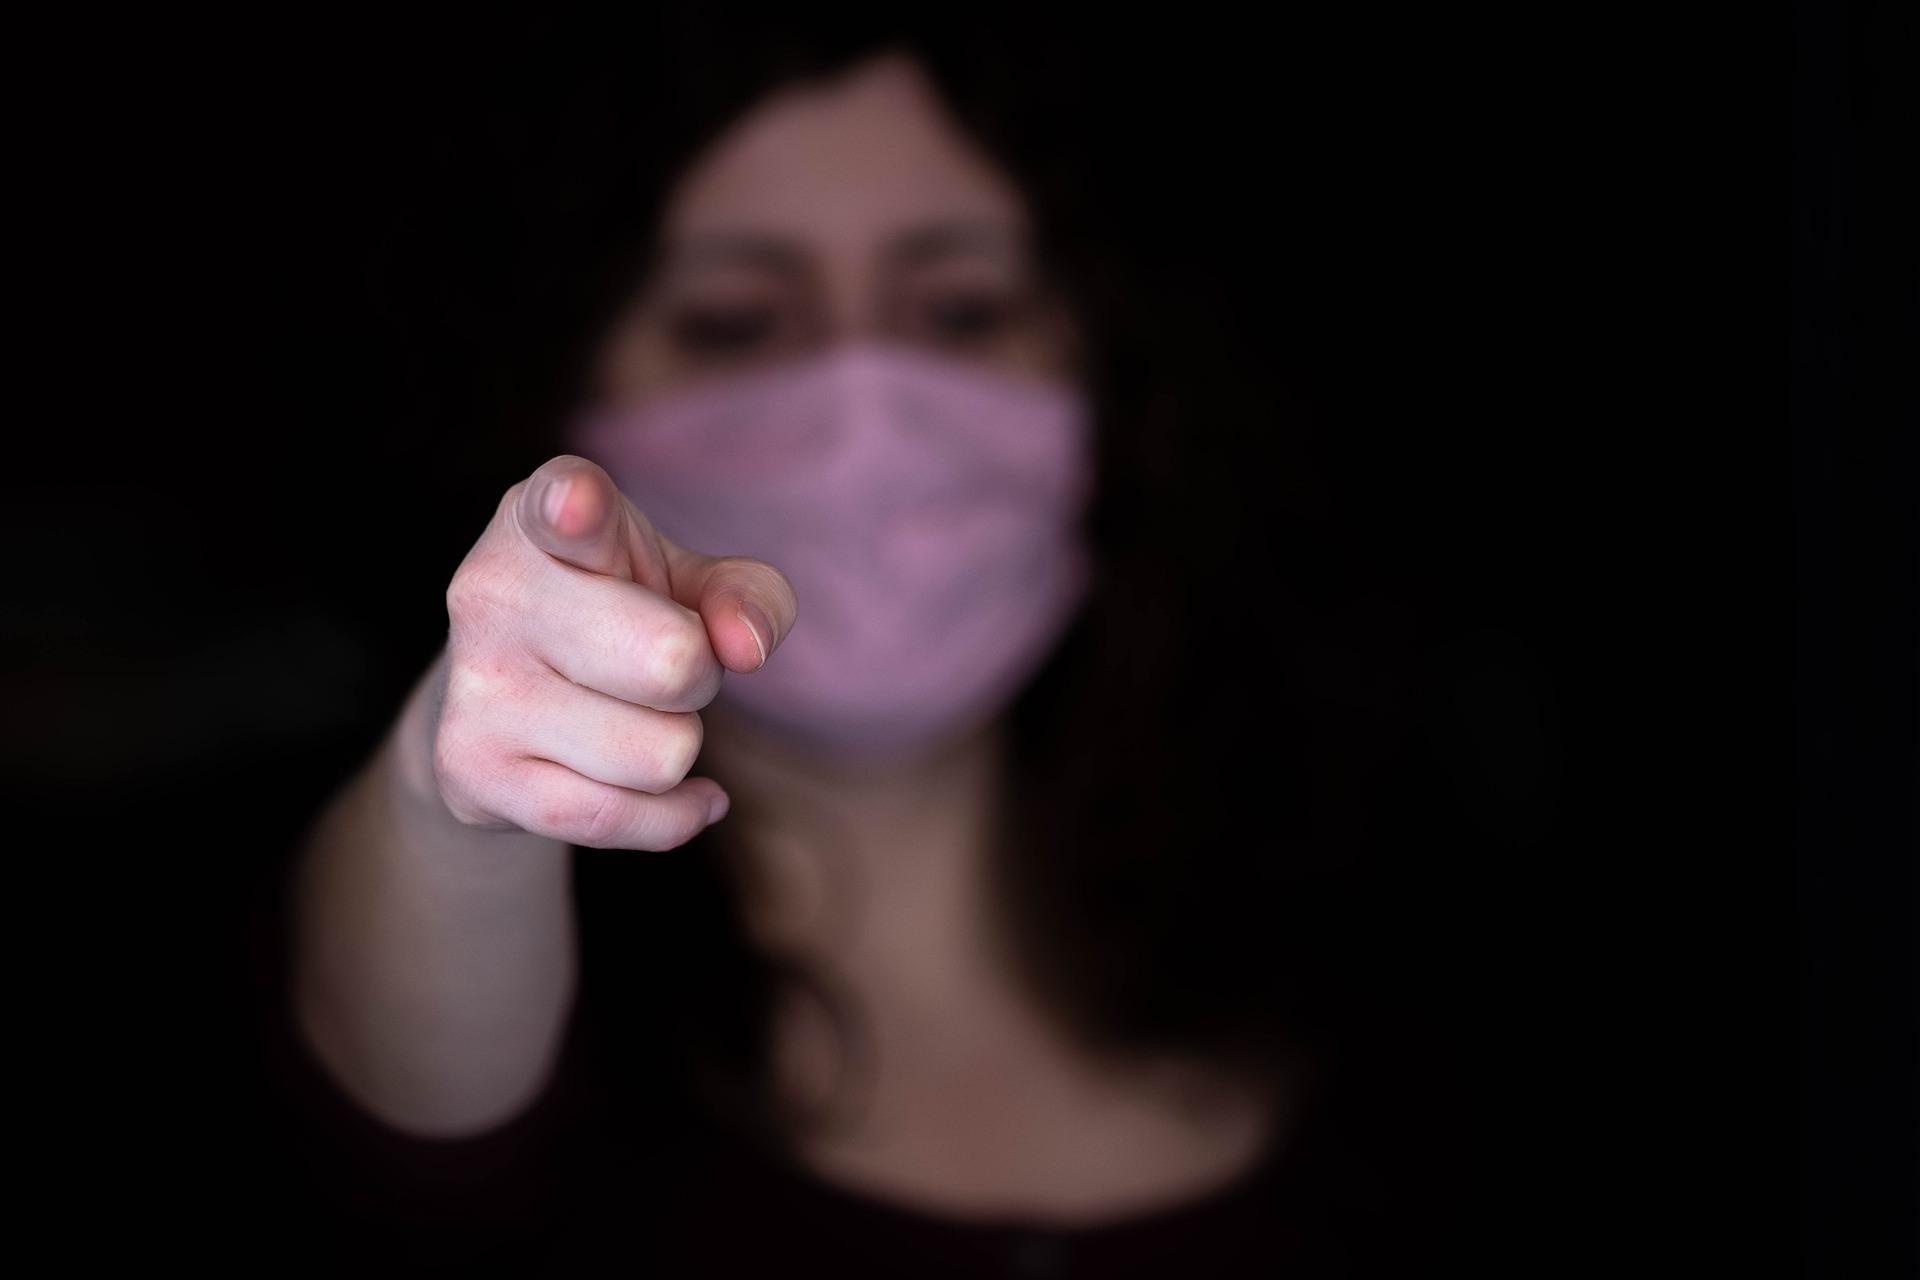 Eine Frau mit Mundnasenschutz zeigt mit dem Finger in die Kamera. Das Gesicht ist unscharf, nur die Hand ist scharfgestellt.